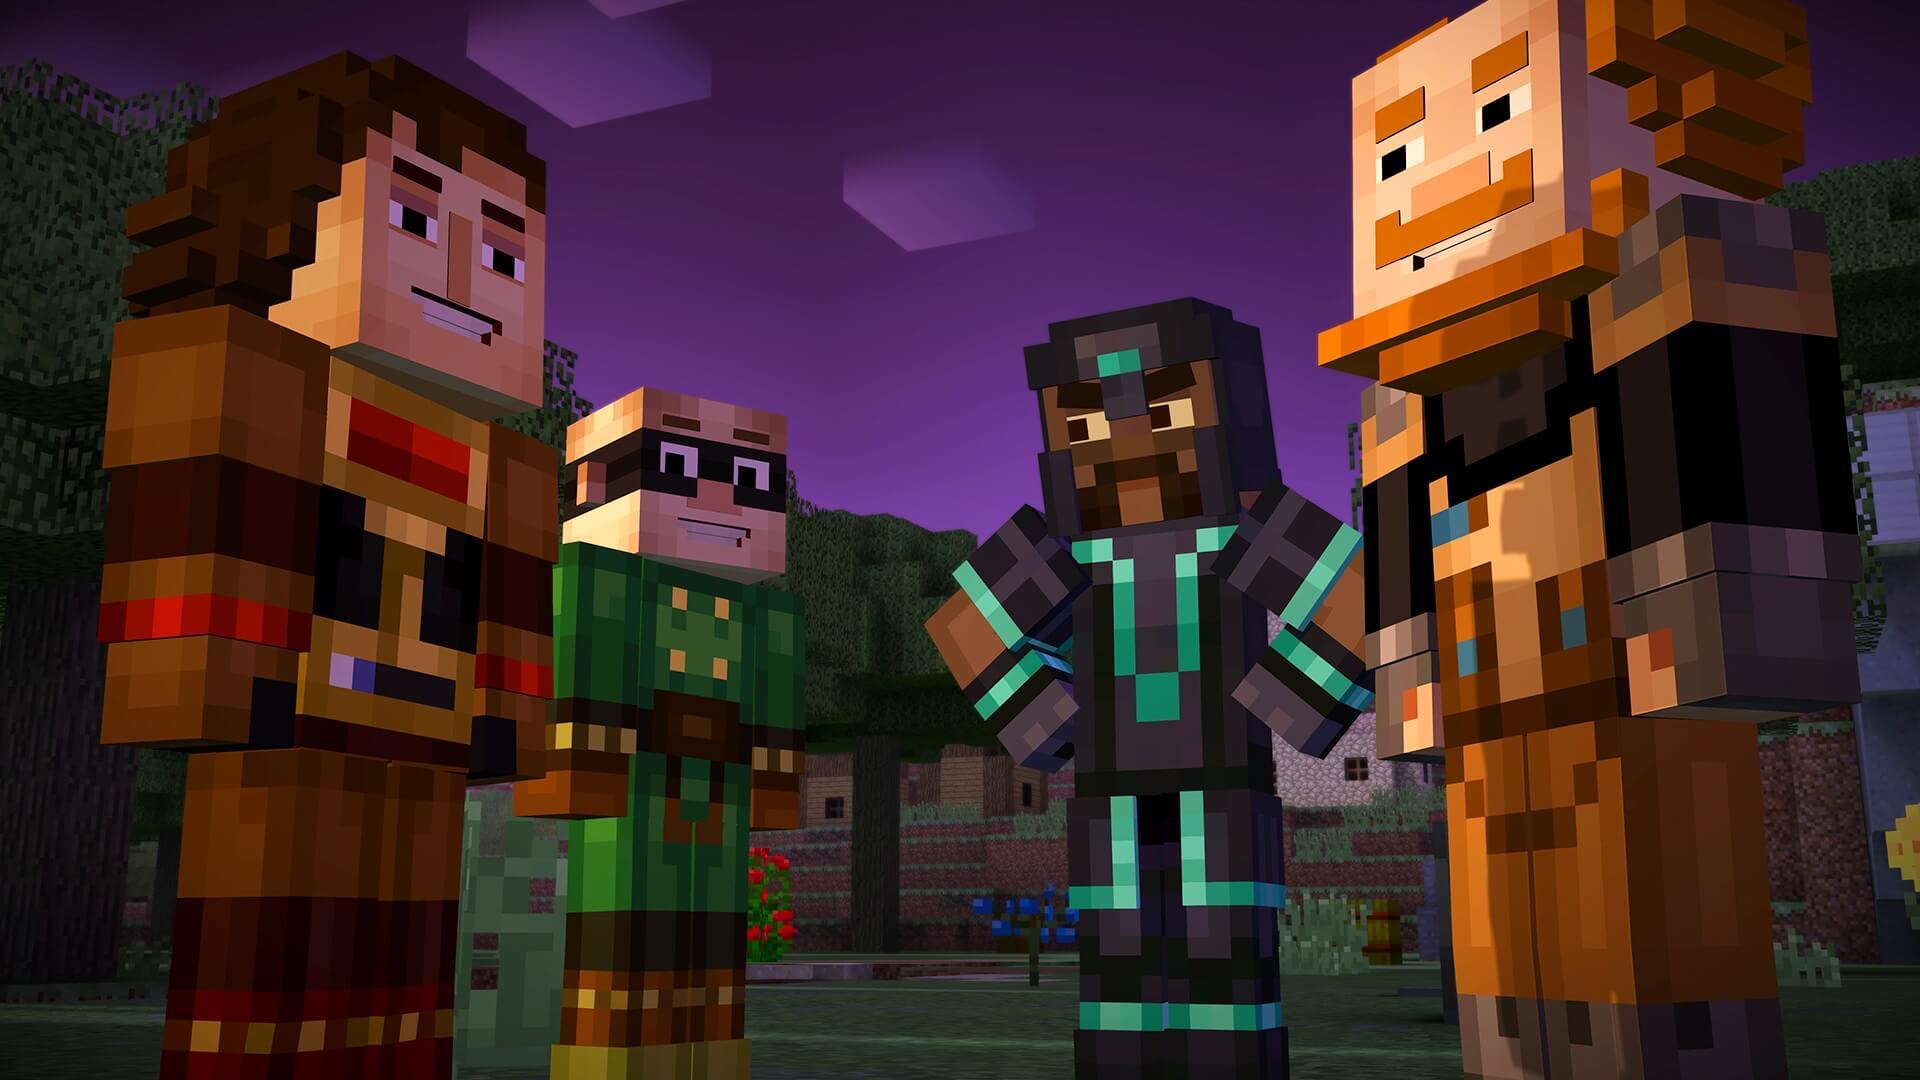 скачать игру бесплатно minecraft store mode #11